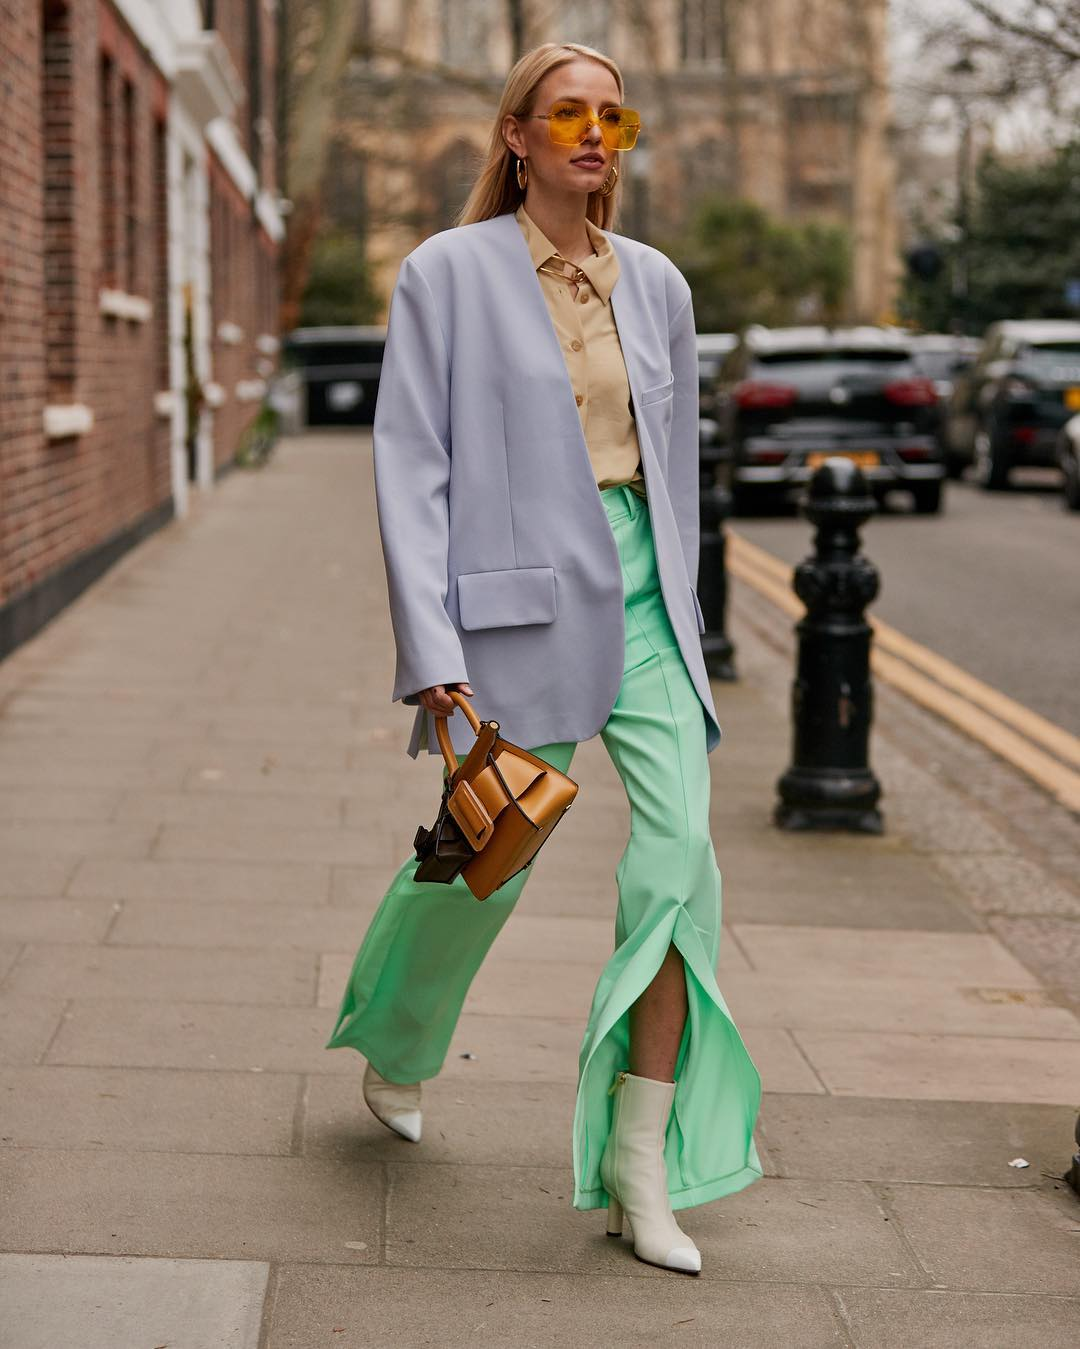 Nếu không ngại, bạn hoàn toàn có thể phối cùng lúc hai hoặc ba sắc thái màu pastel khác nhau cho tổng thể trang phục của mình.